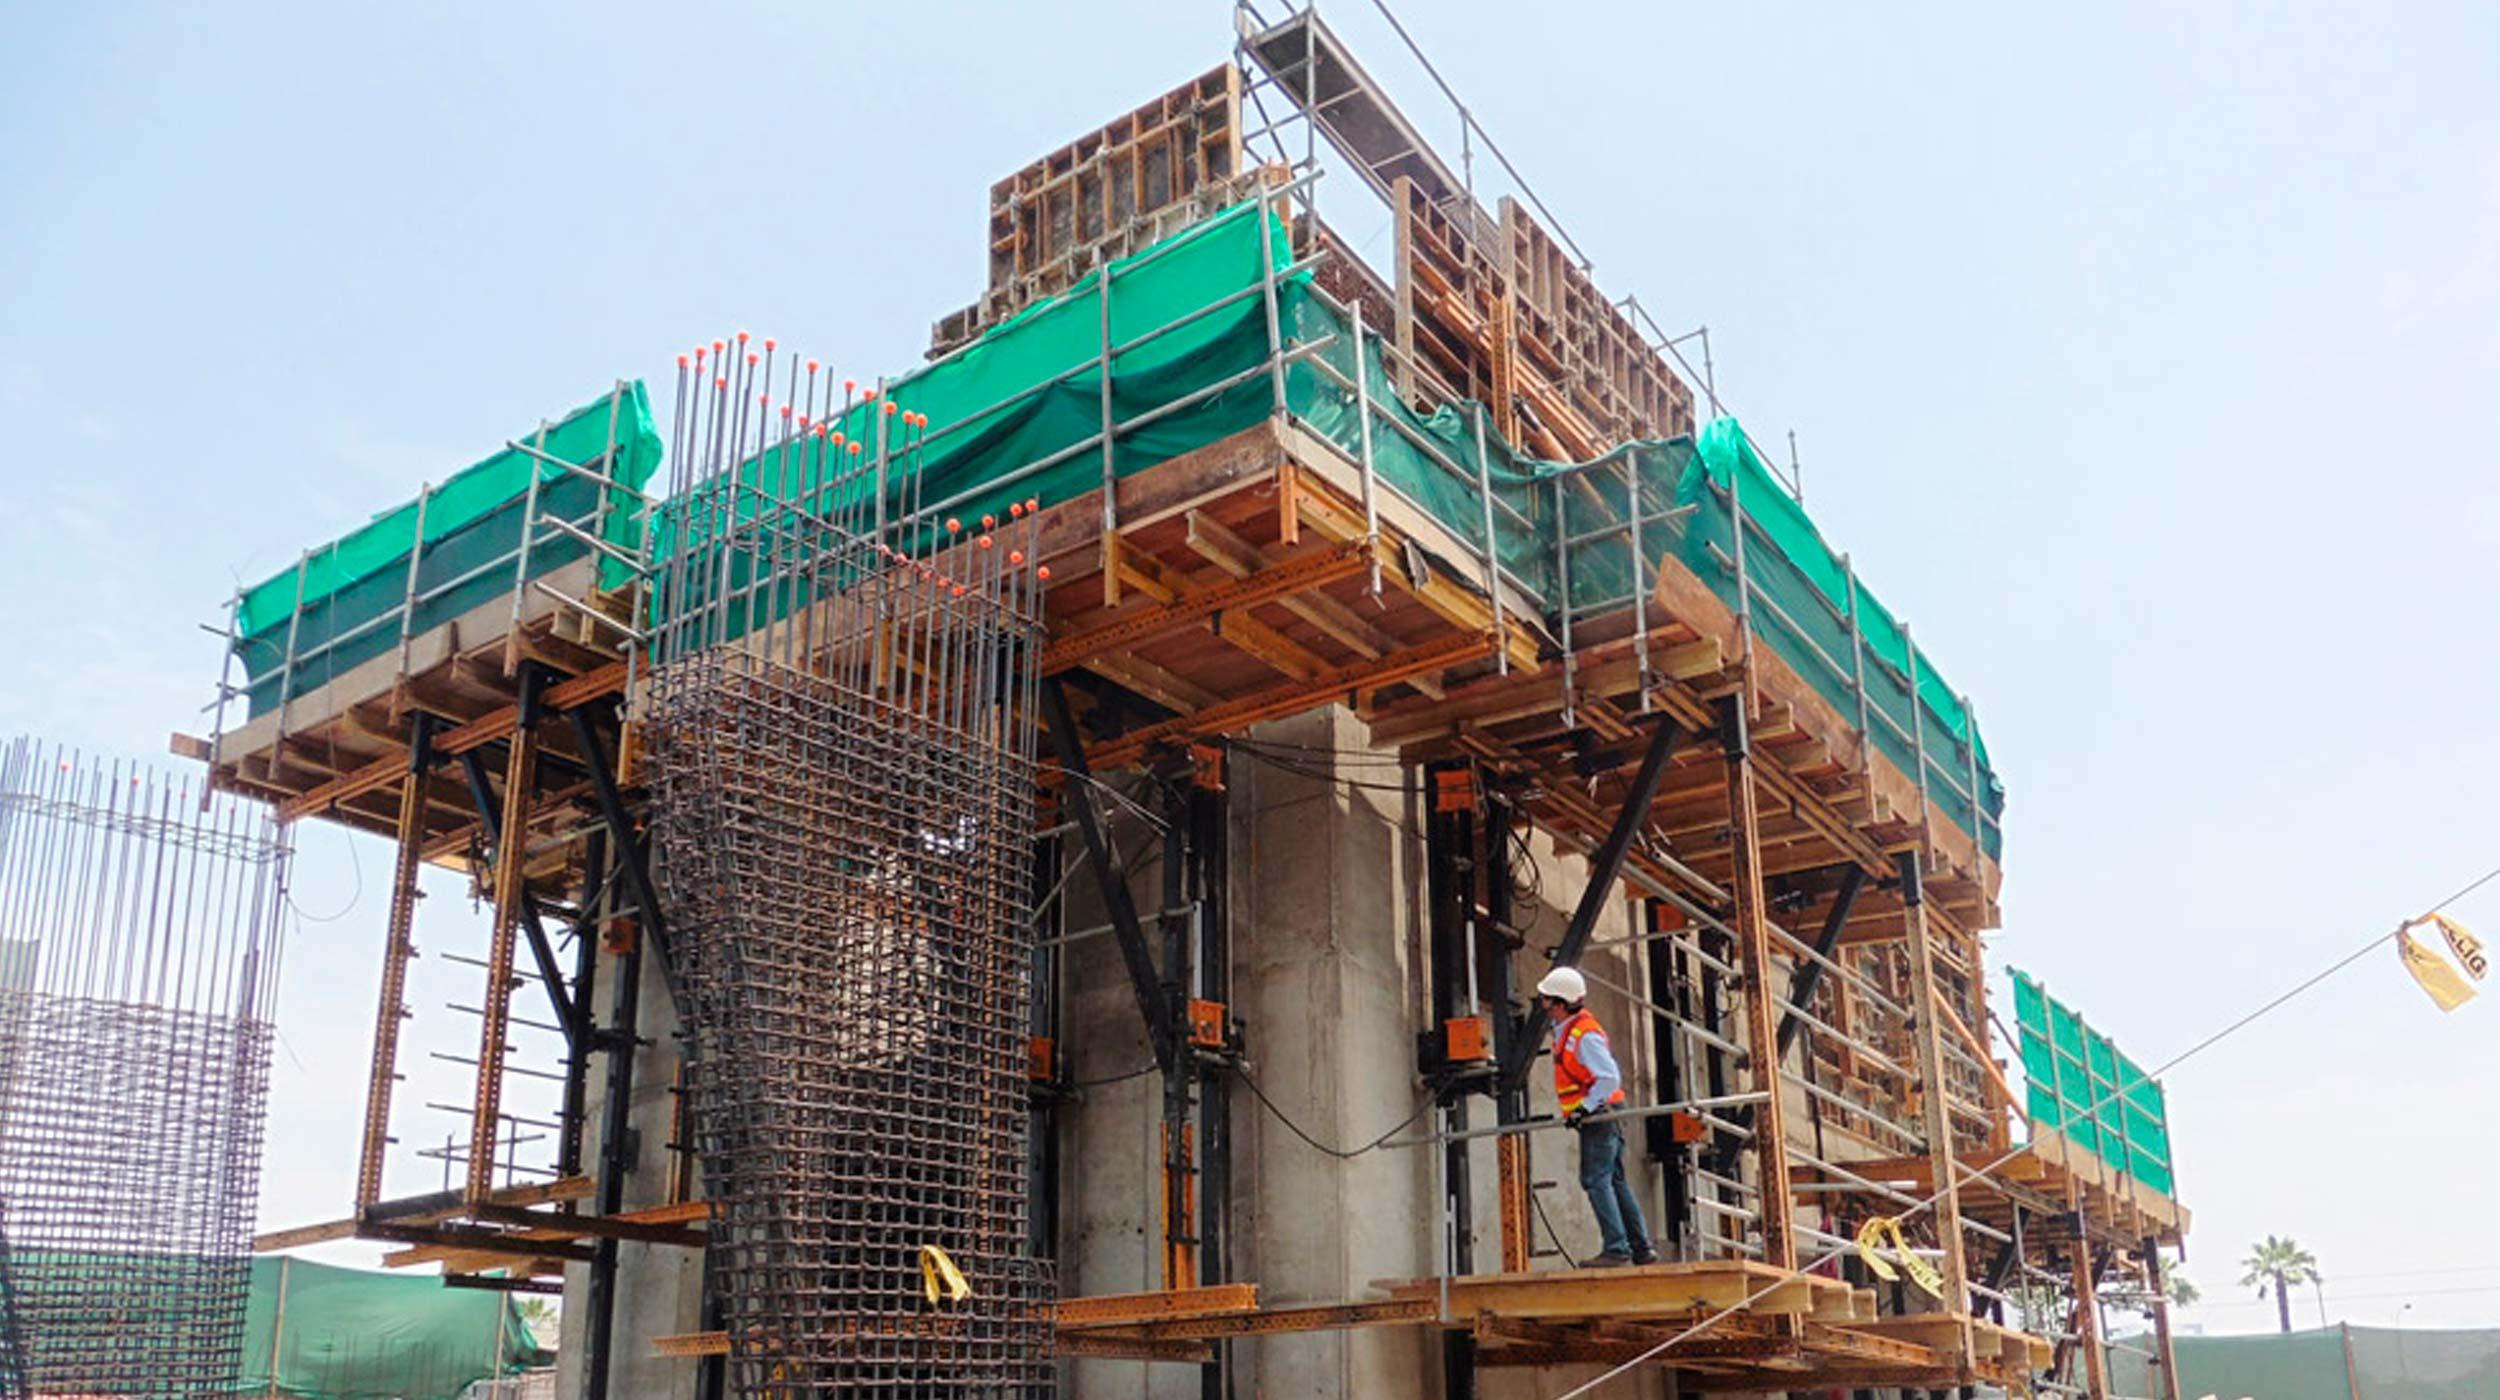 La Torre Ichma es susceptible de obtener la certificación LEED Green Building por su compromiso con el medio ambiente y el uso eficiente de los recursos.